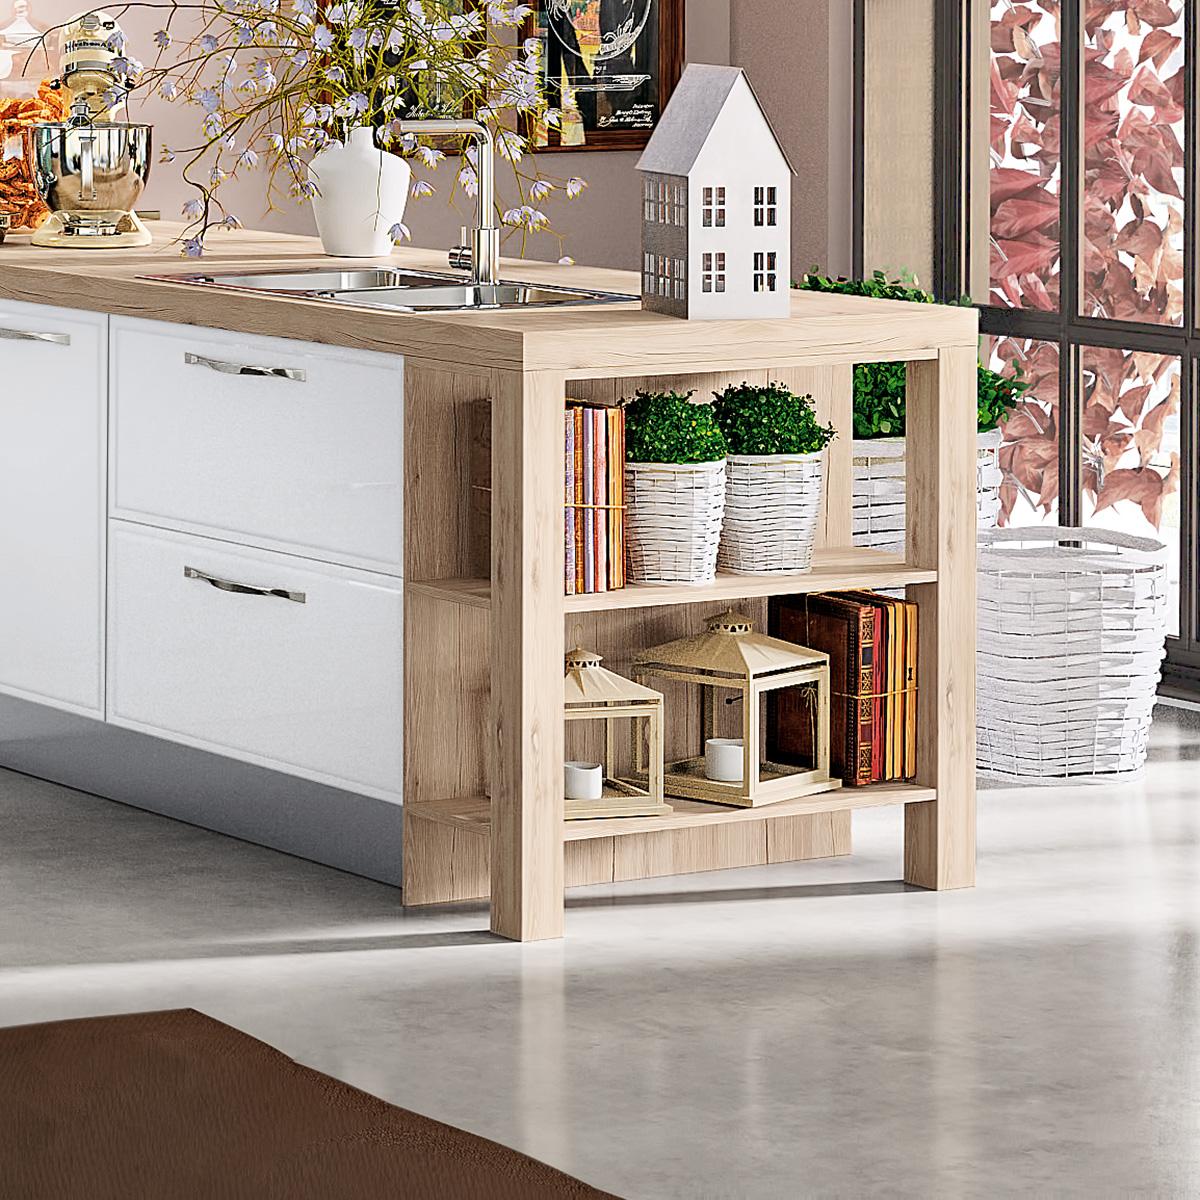 Disegno » Cucina Oasi Mondo Convenienza - Ispirazioni Design dell ...